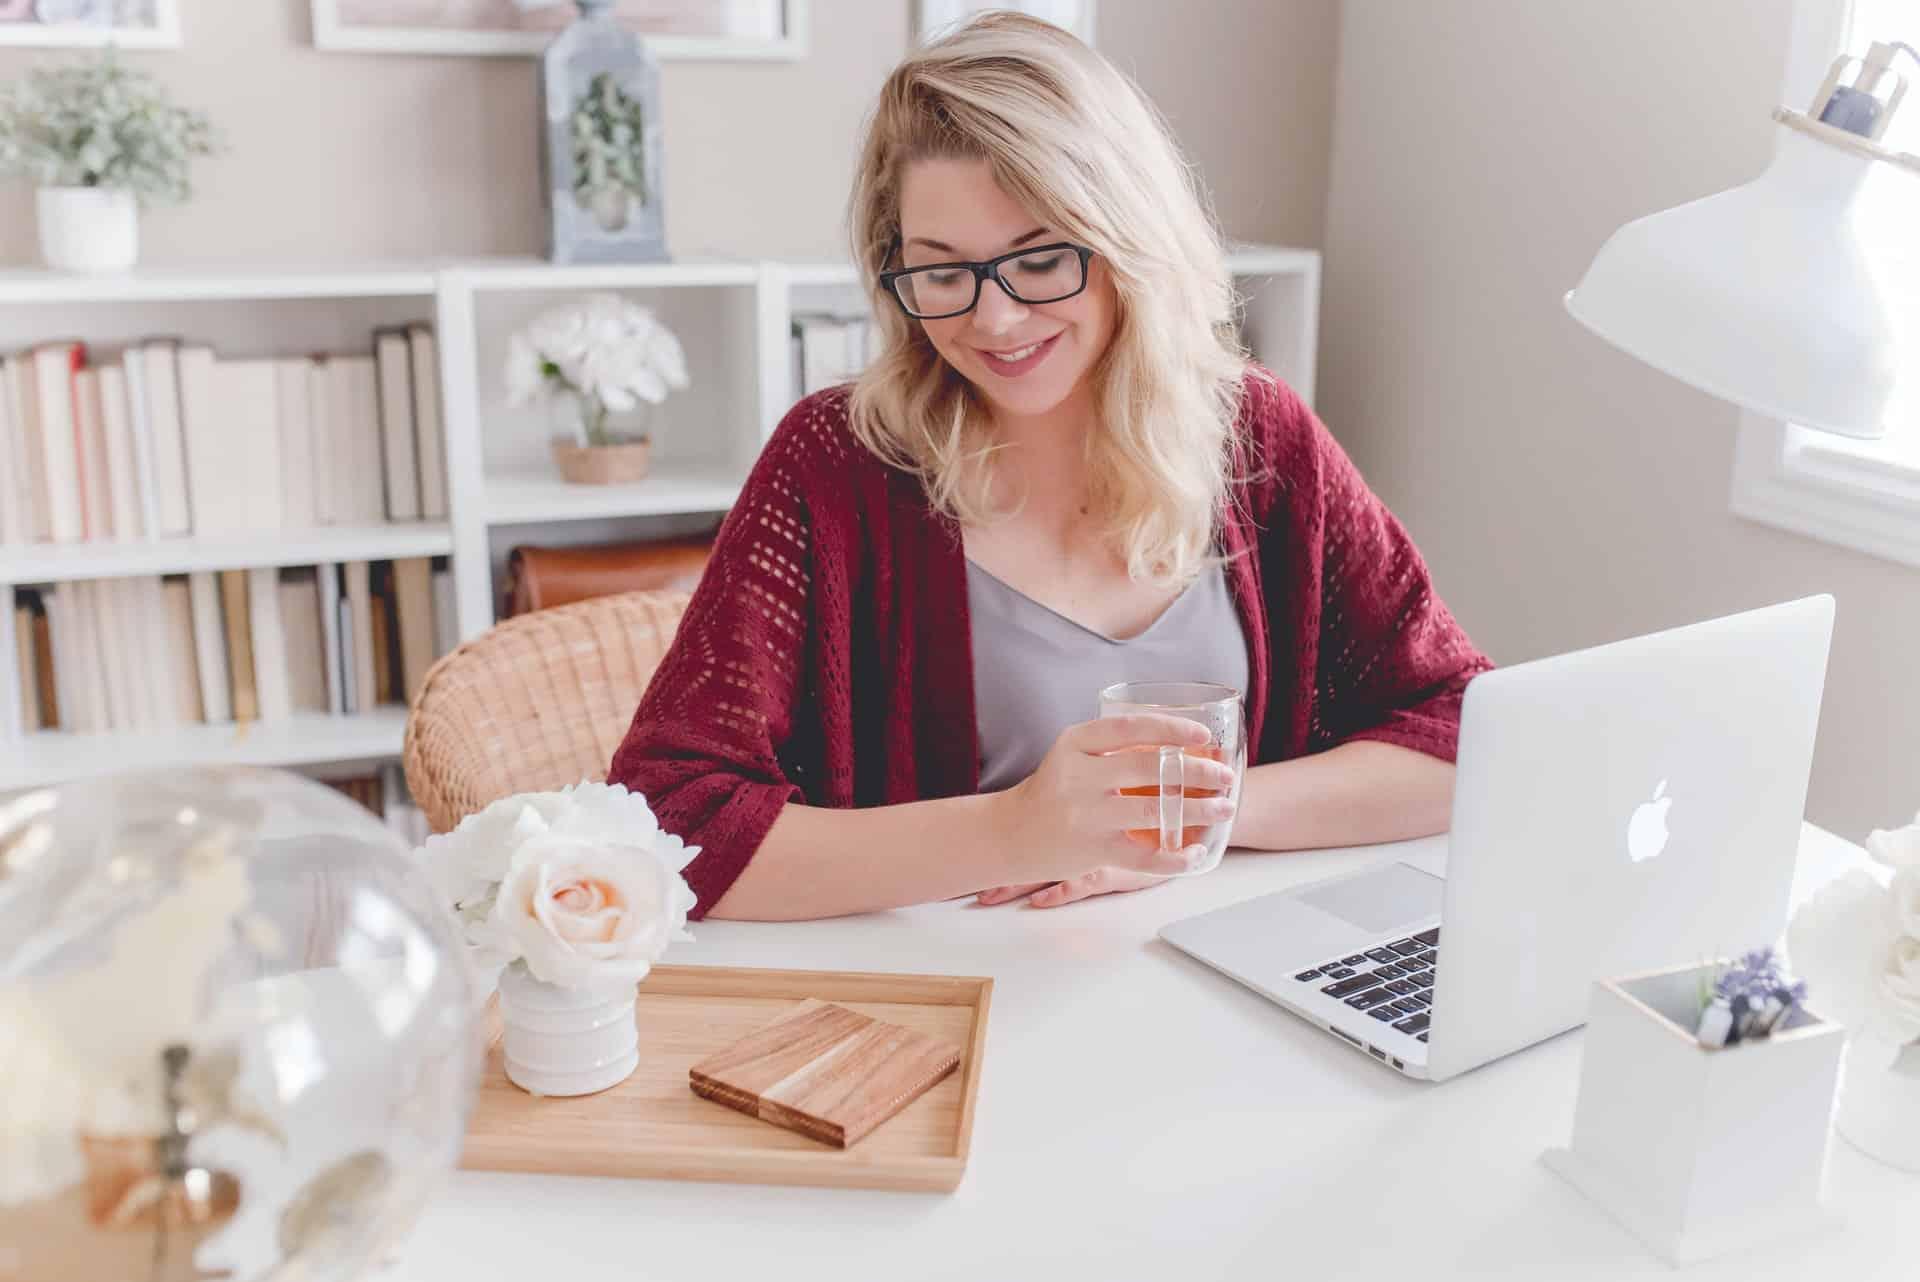 la femme s'assoit et travaille derrière l'ordinateur portable et sourit